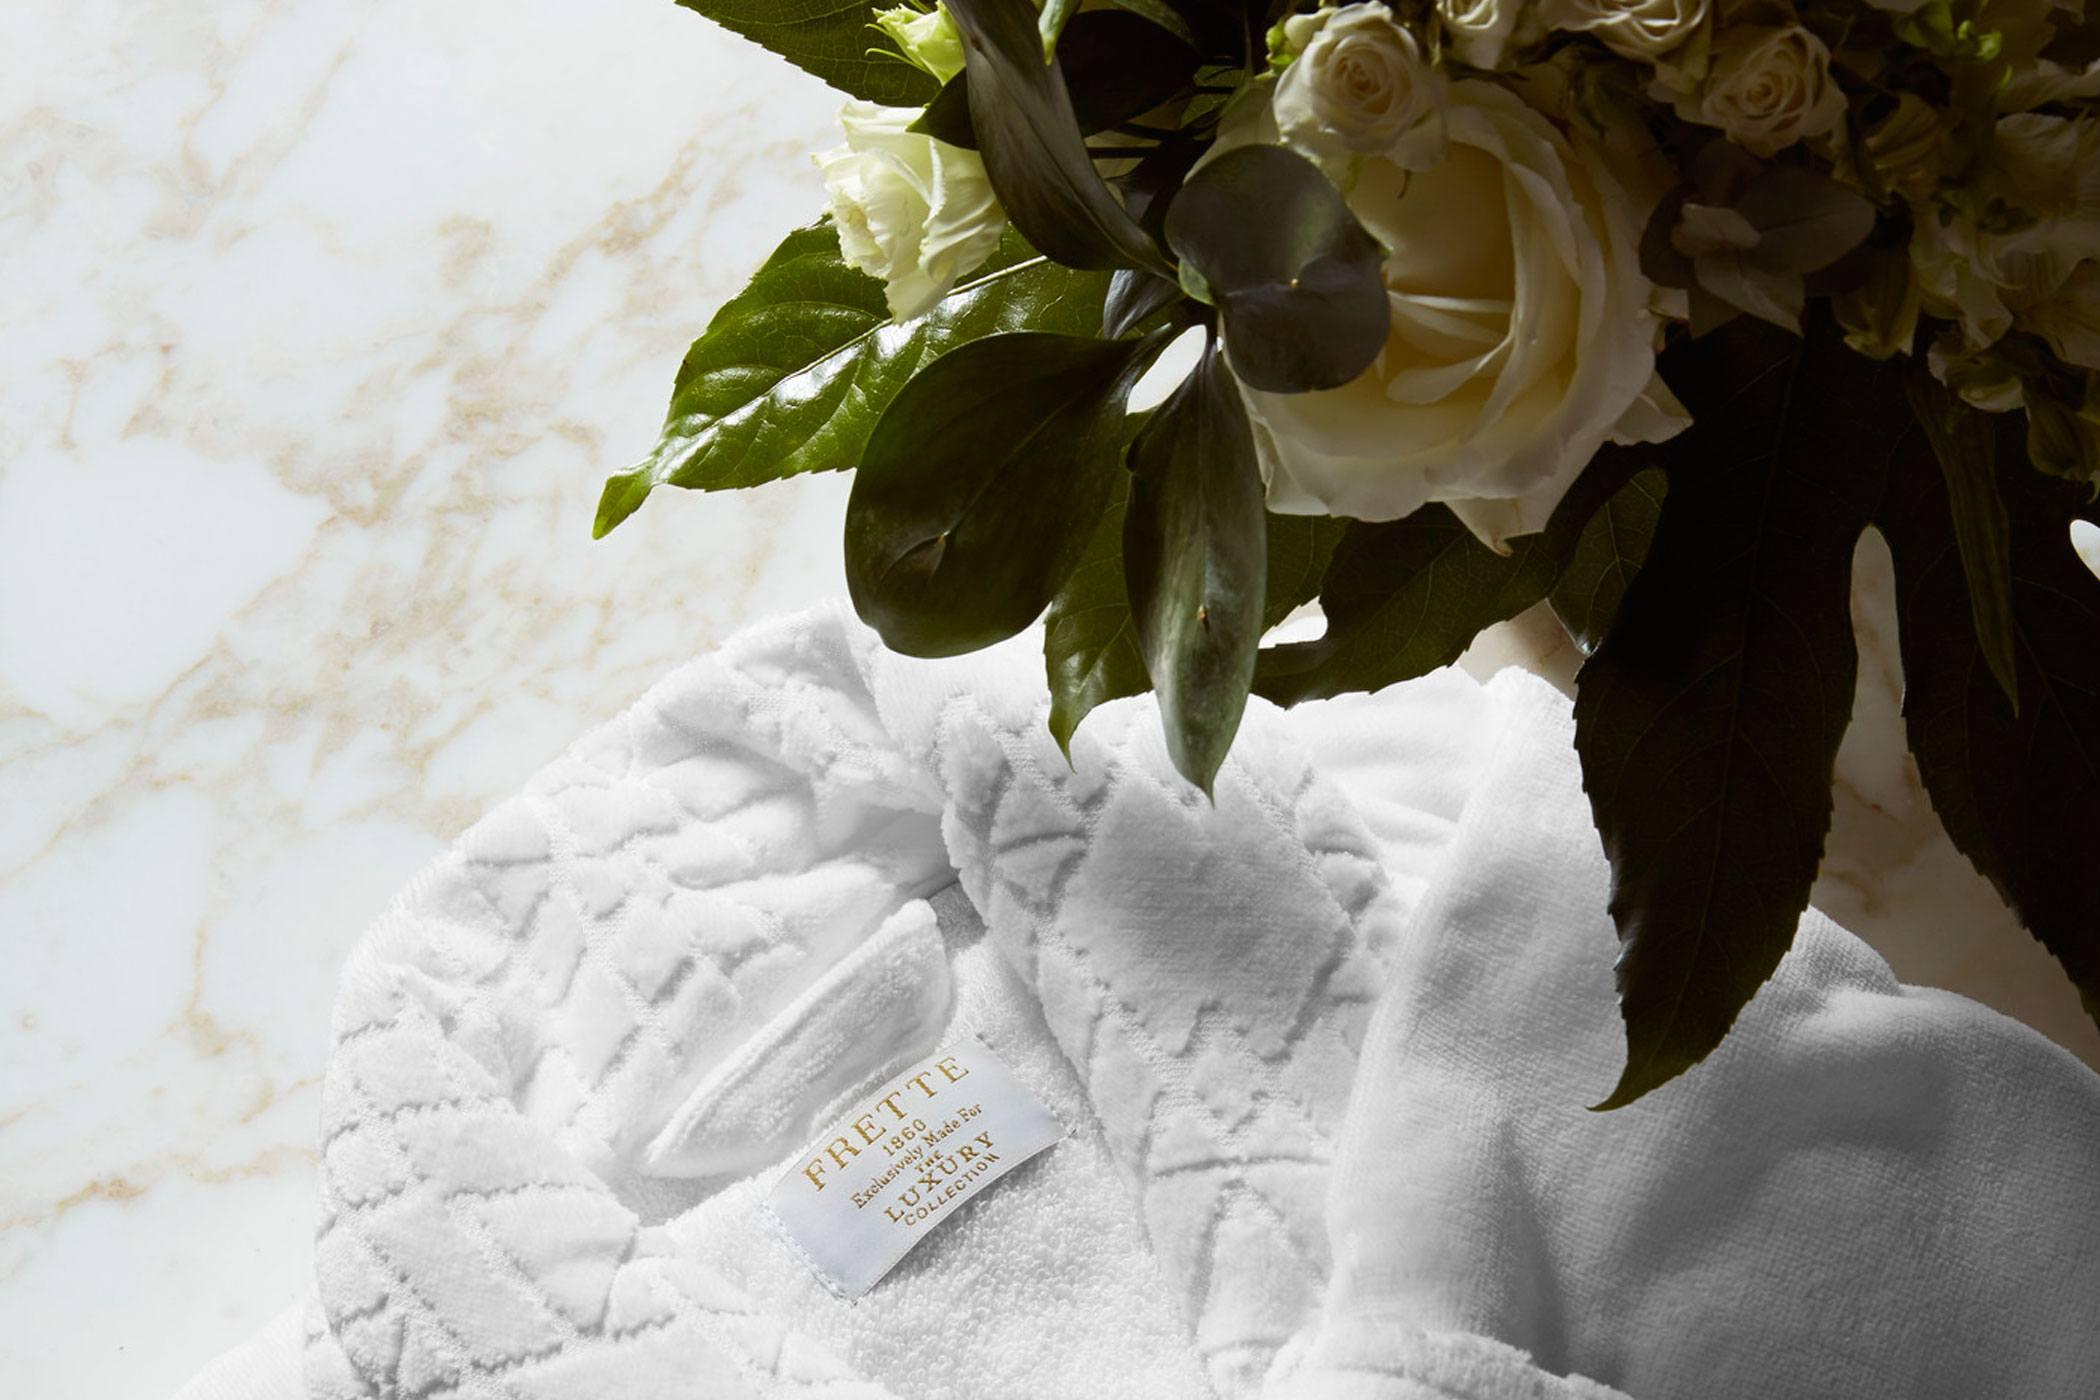 white rose flower in vase